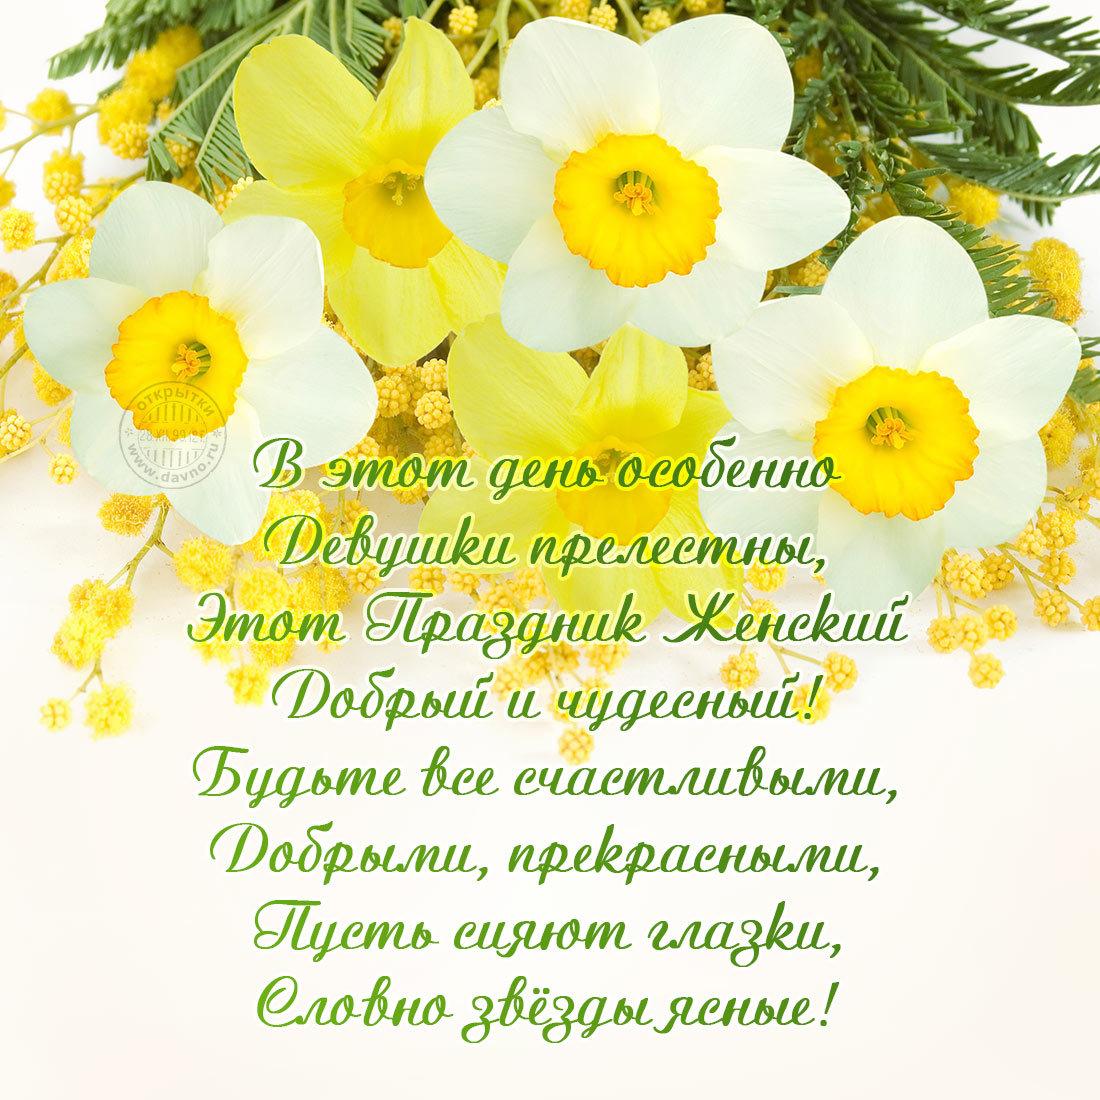 Поздравление с 8 картинка и стих